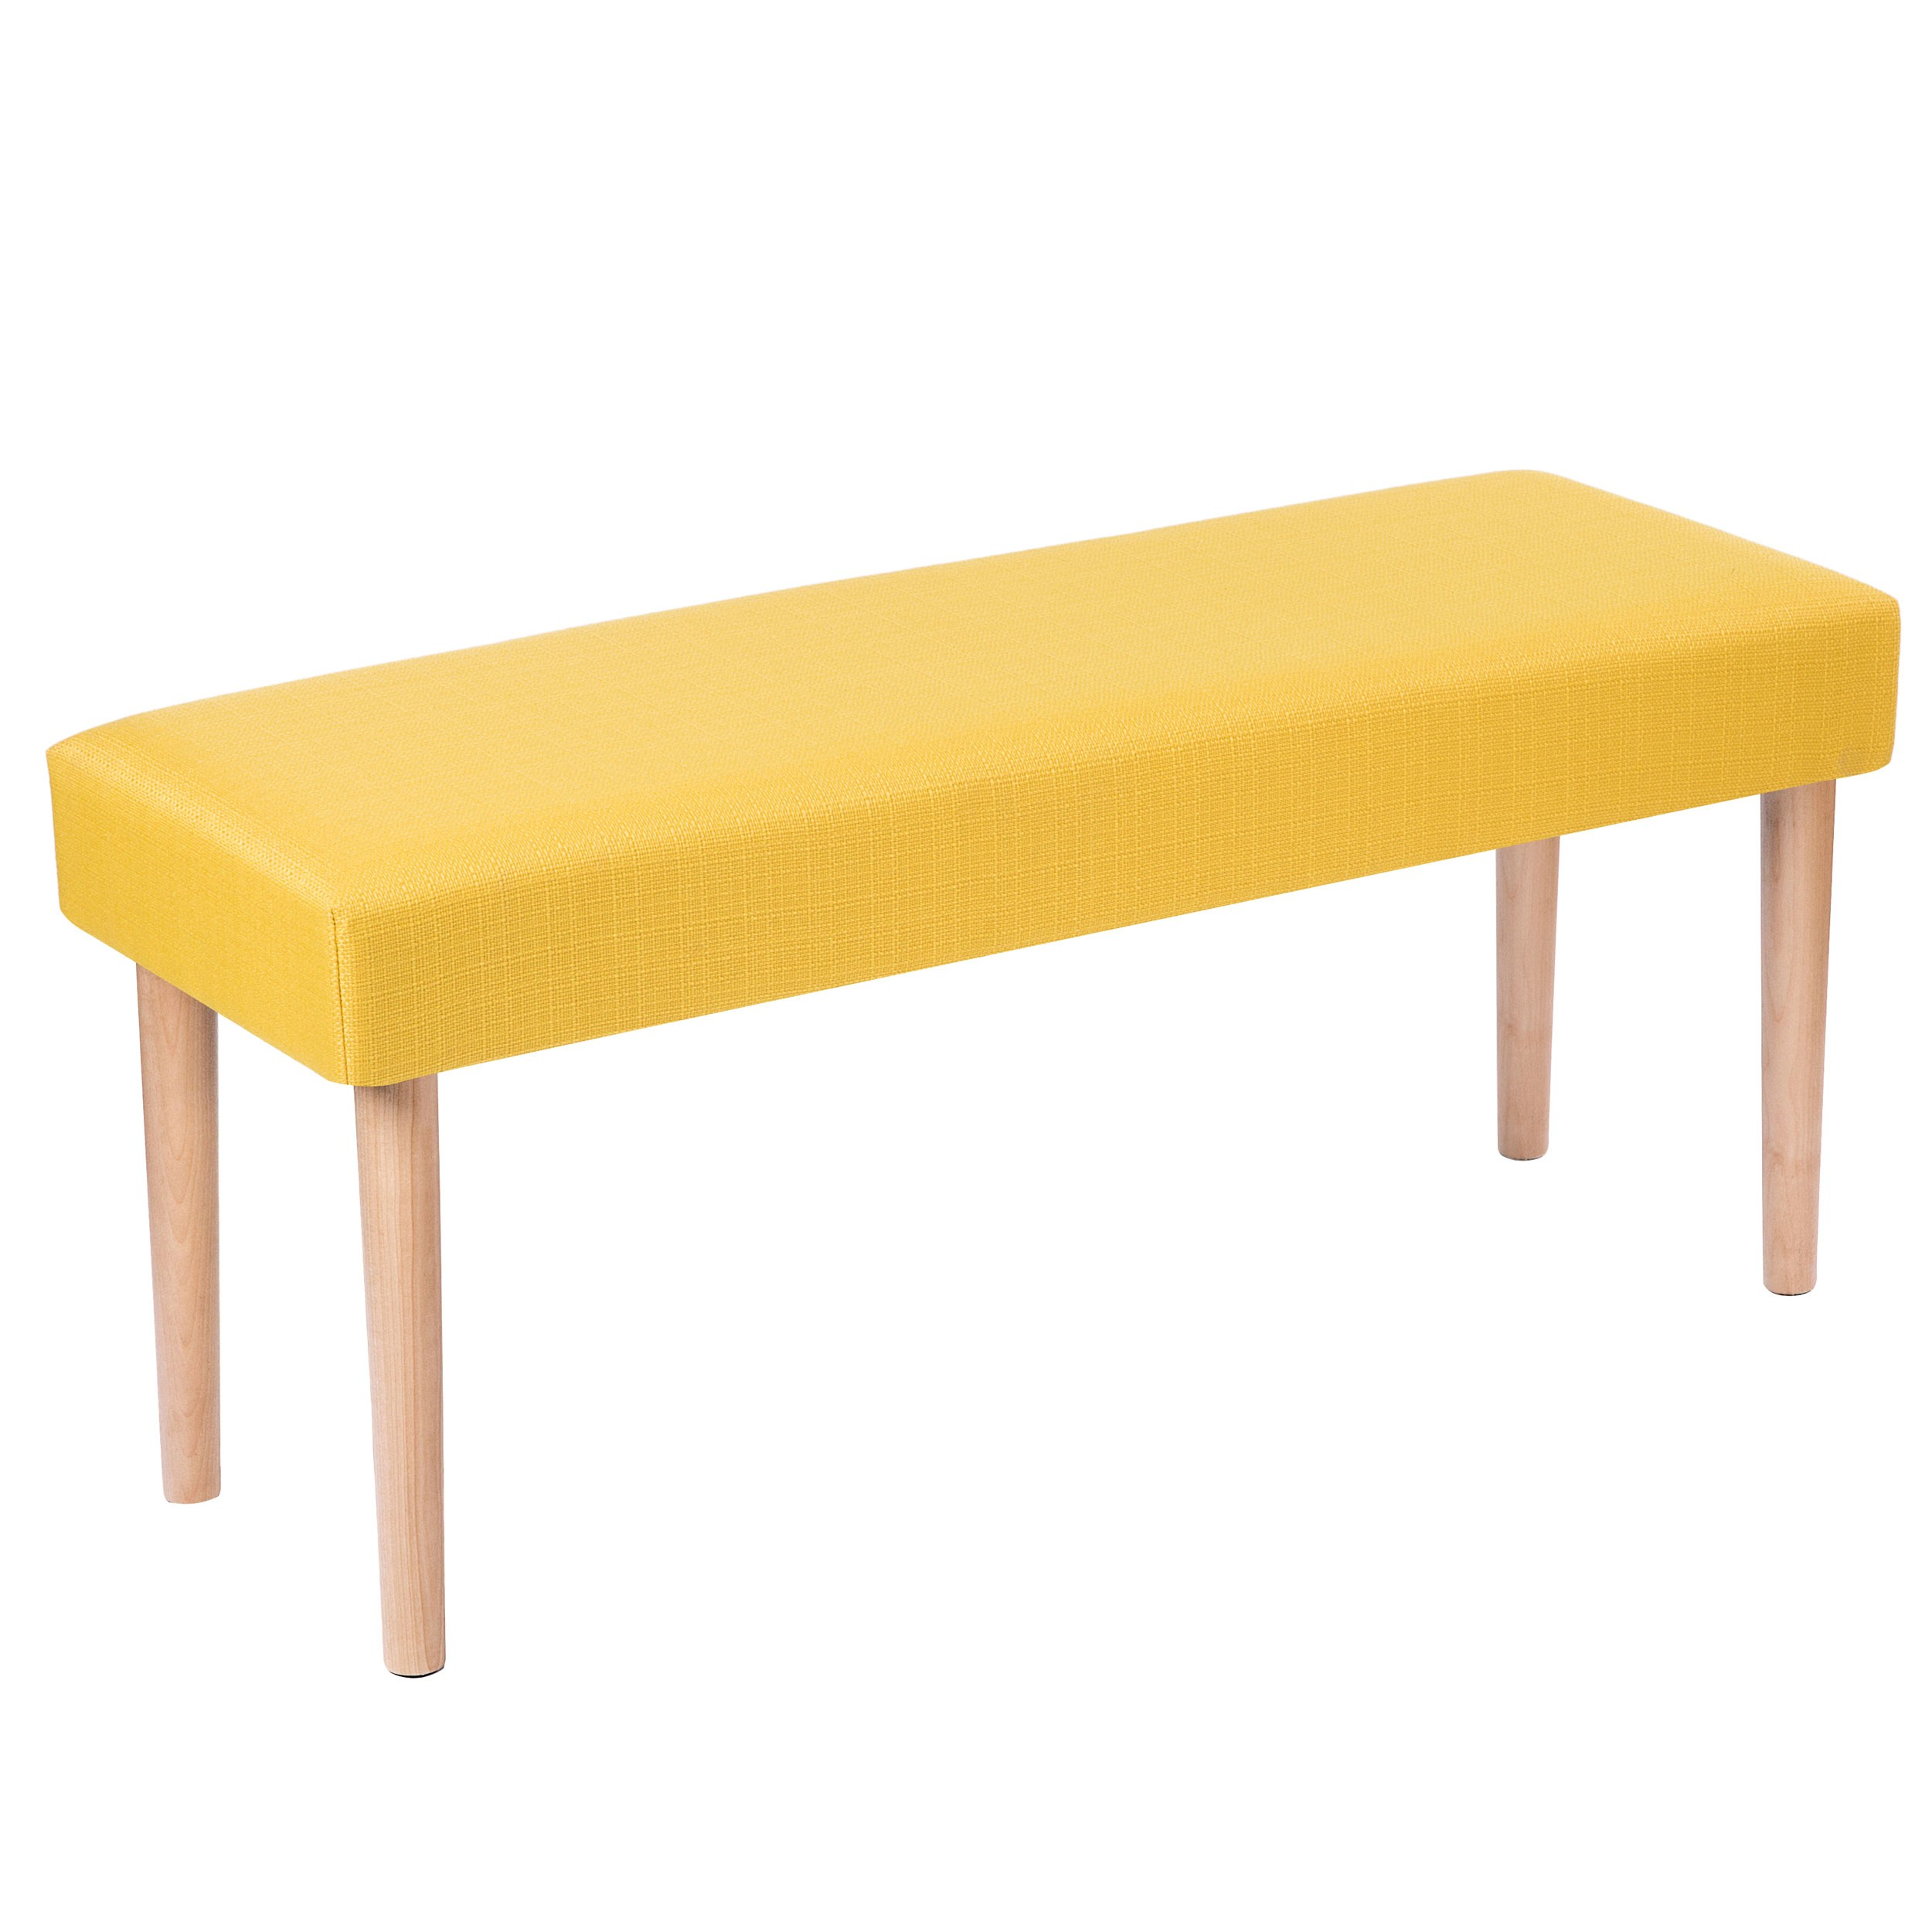 banc octave jaune testez nos bancs octave jaune petit prix rendez vous d co. Black Bedroom Furniture Sets. Home Design Ideas